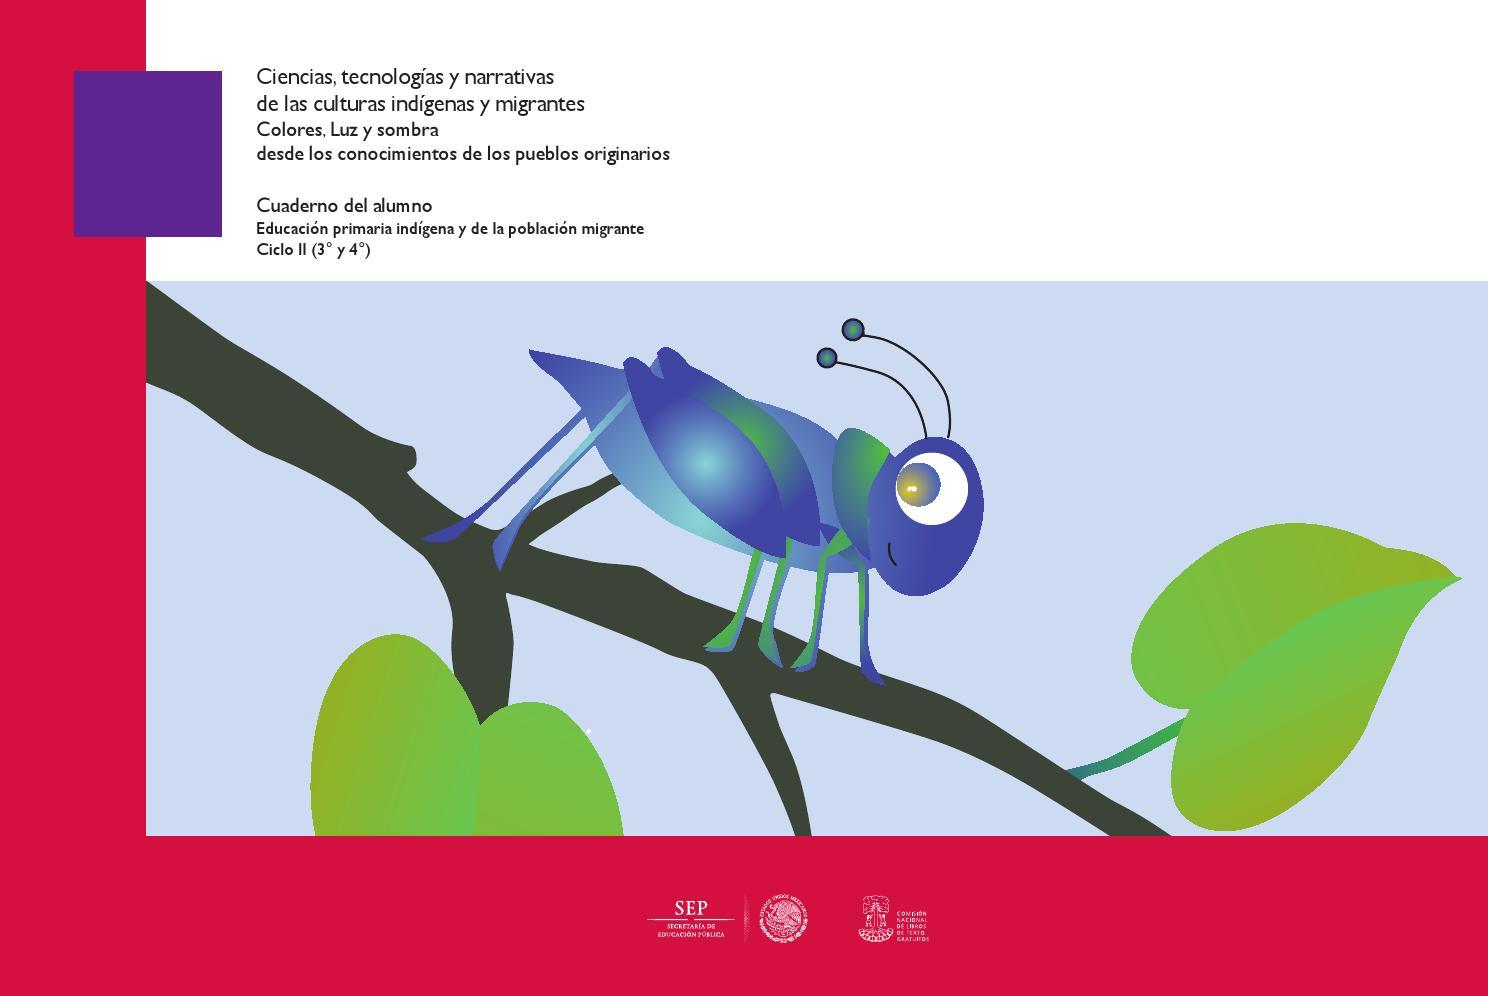 Ciencias colores y sombras ciclo II alumno by DGEI INDIGENA - issuu